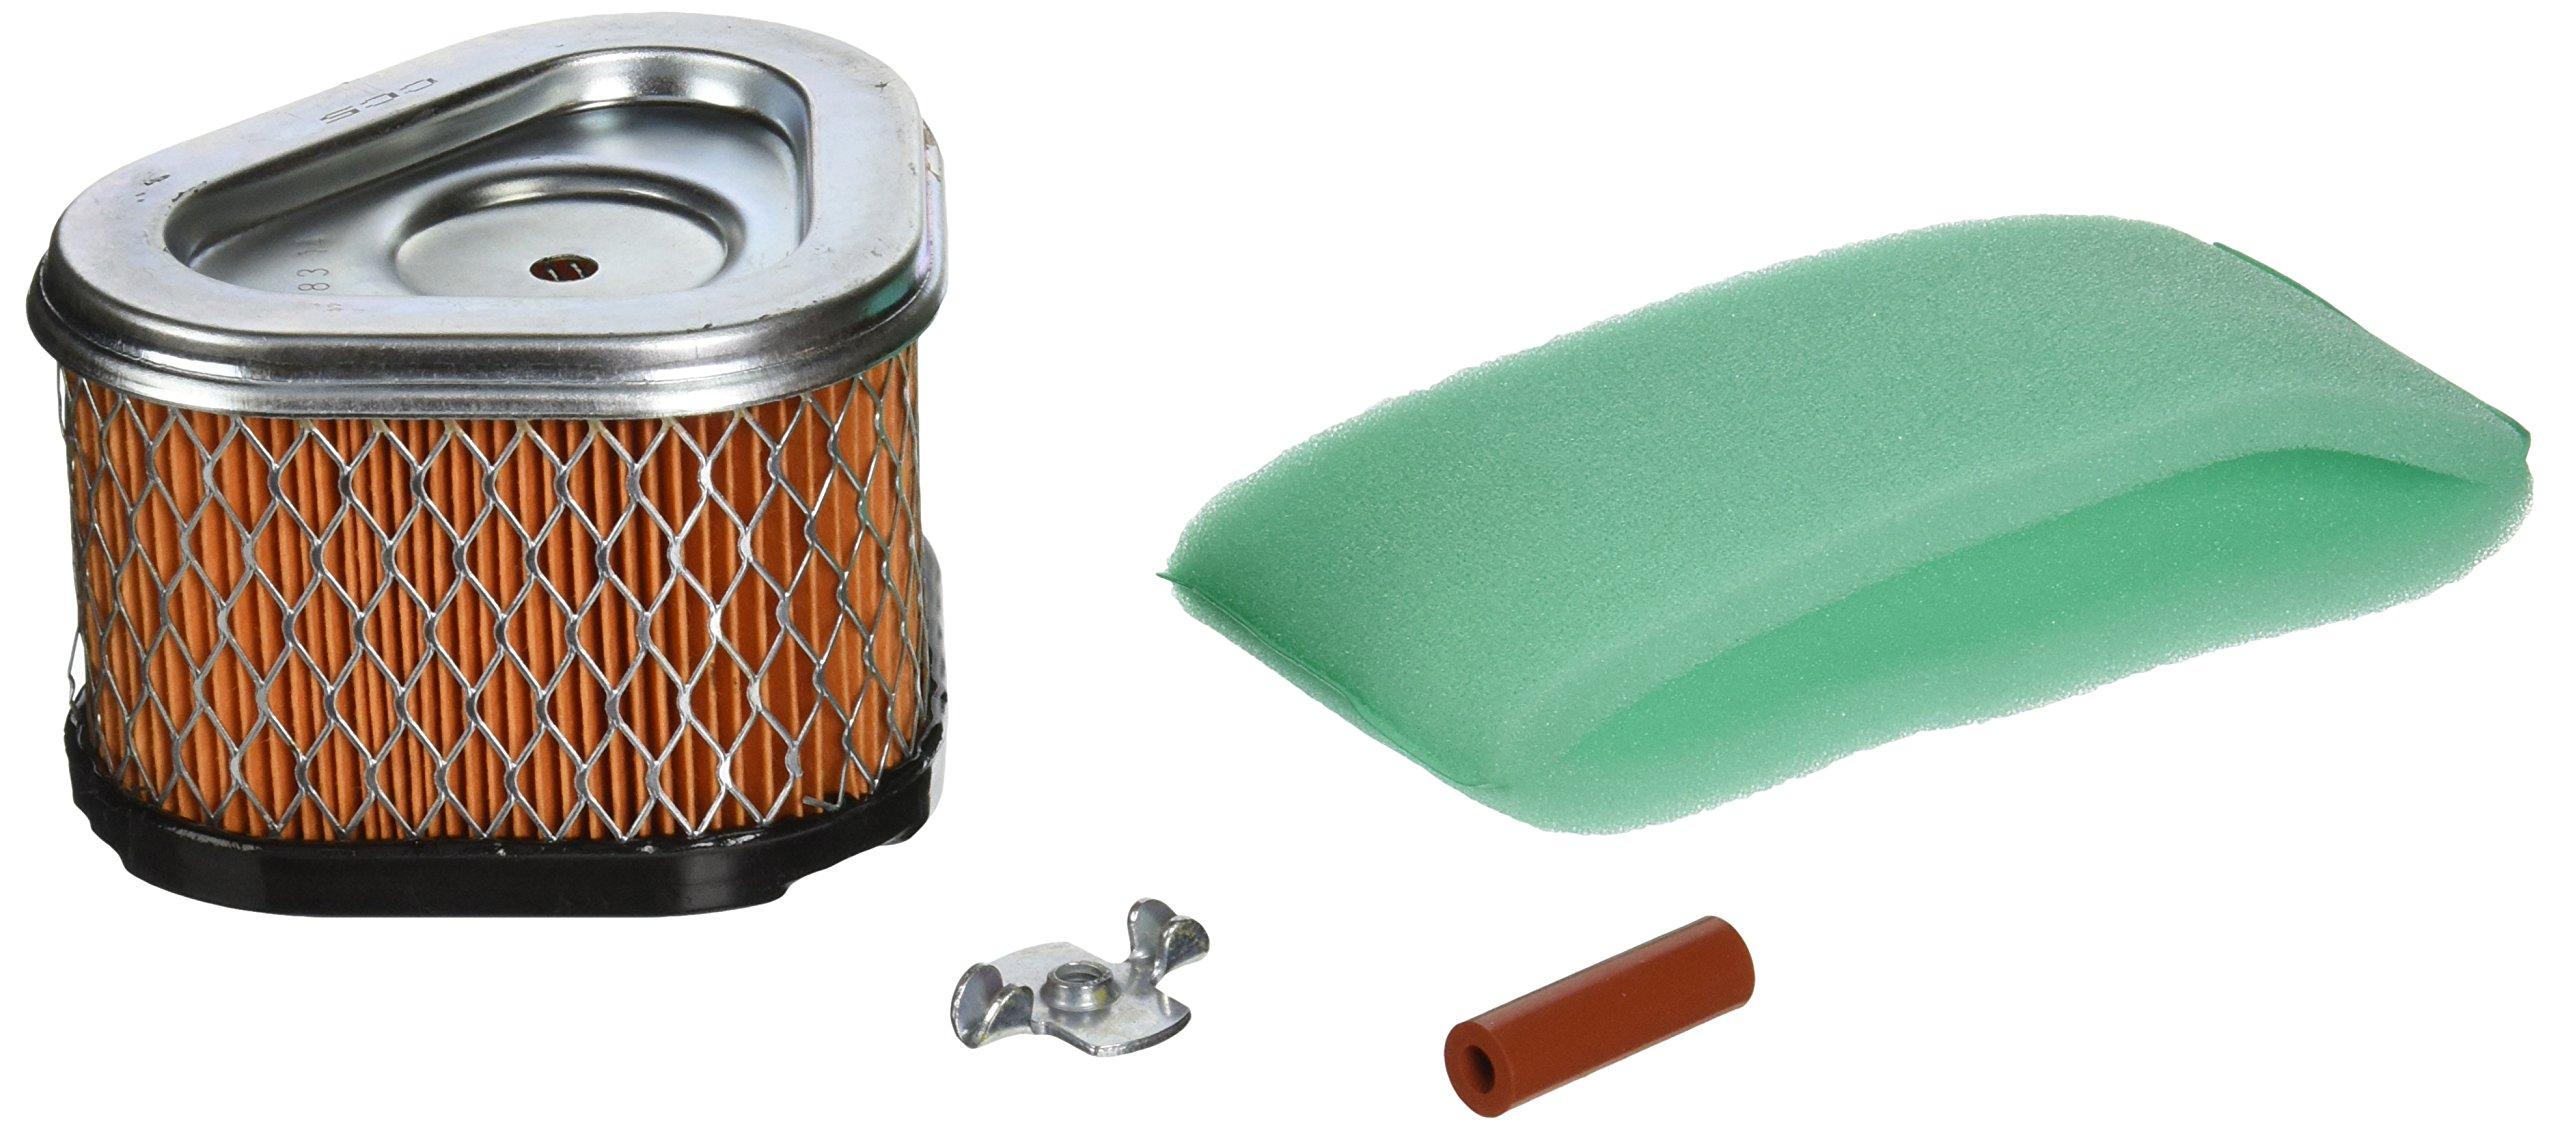 Stens 055-429 Kohler 12 883 05-S1 Air Filter Combo